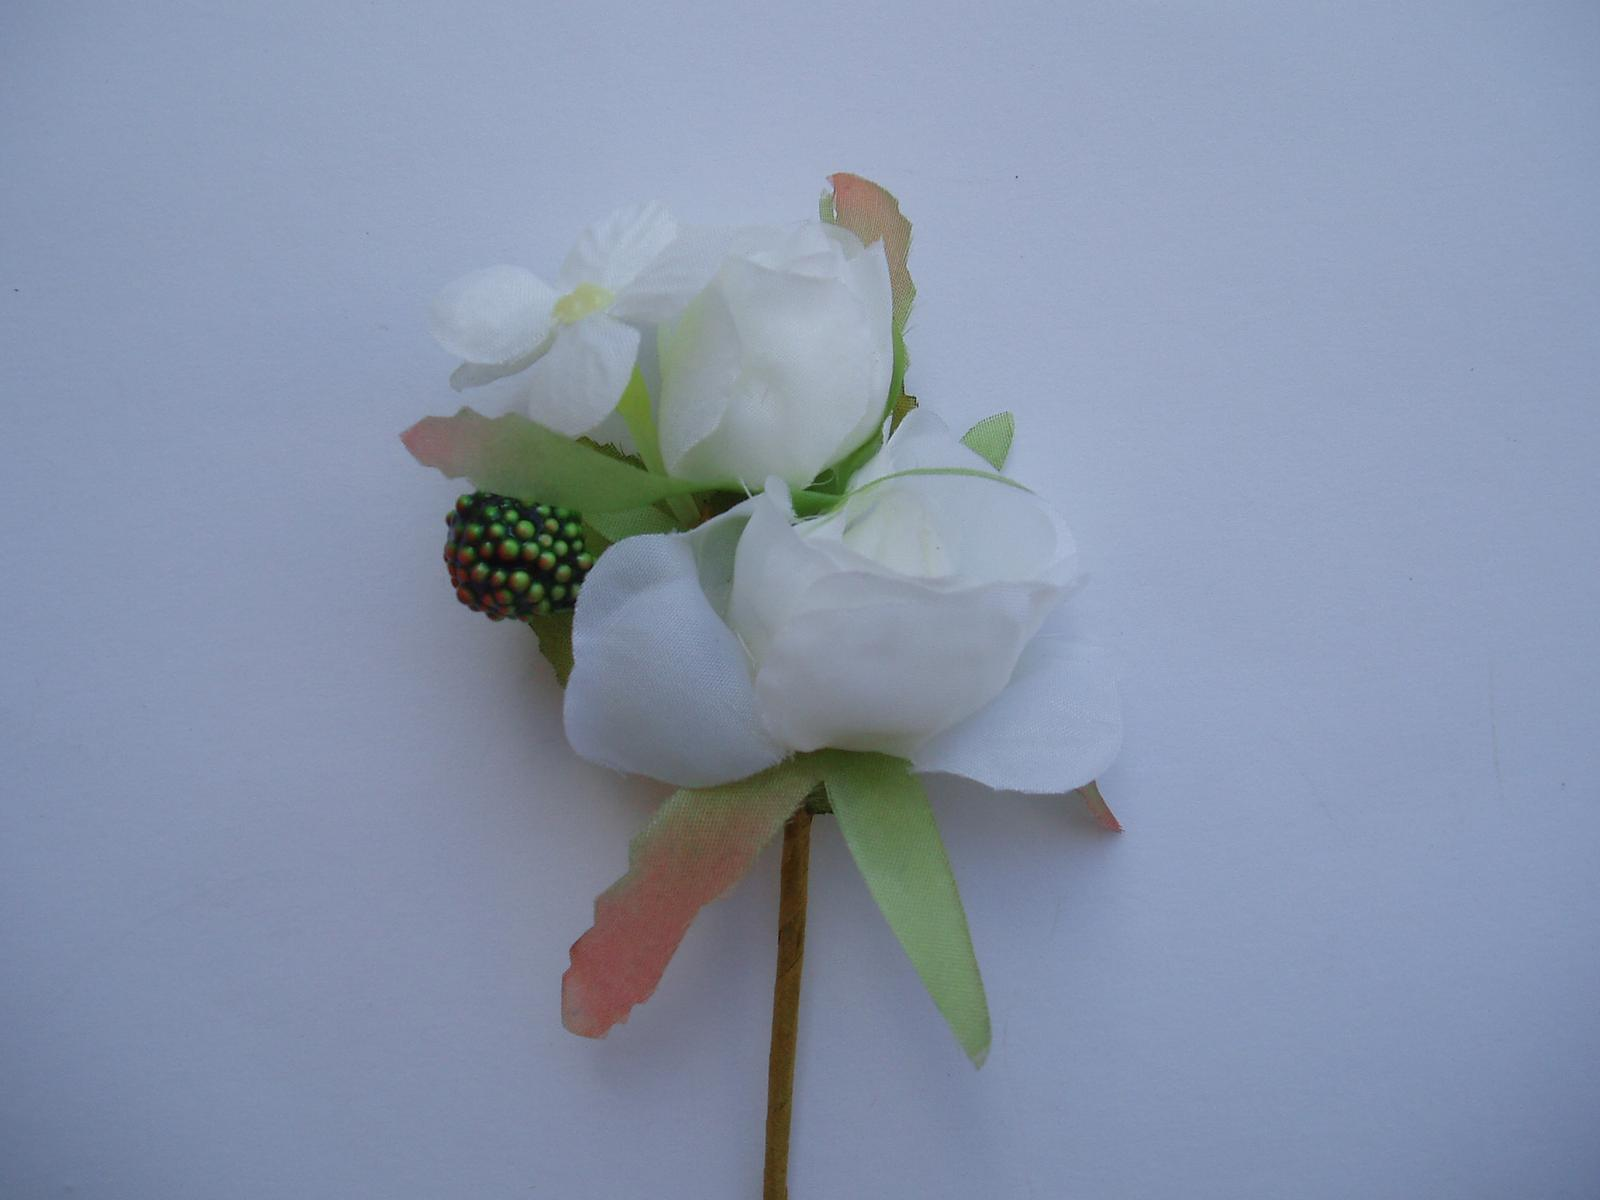 květinová korsáž - Obrázek č. 1